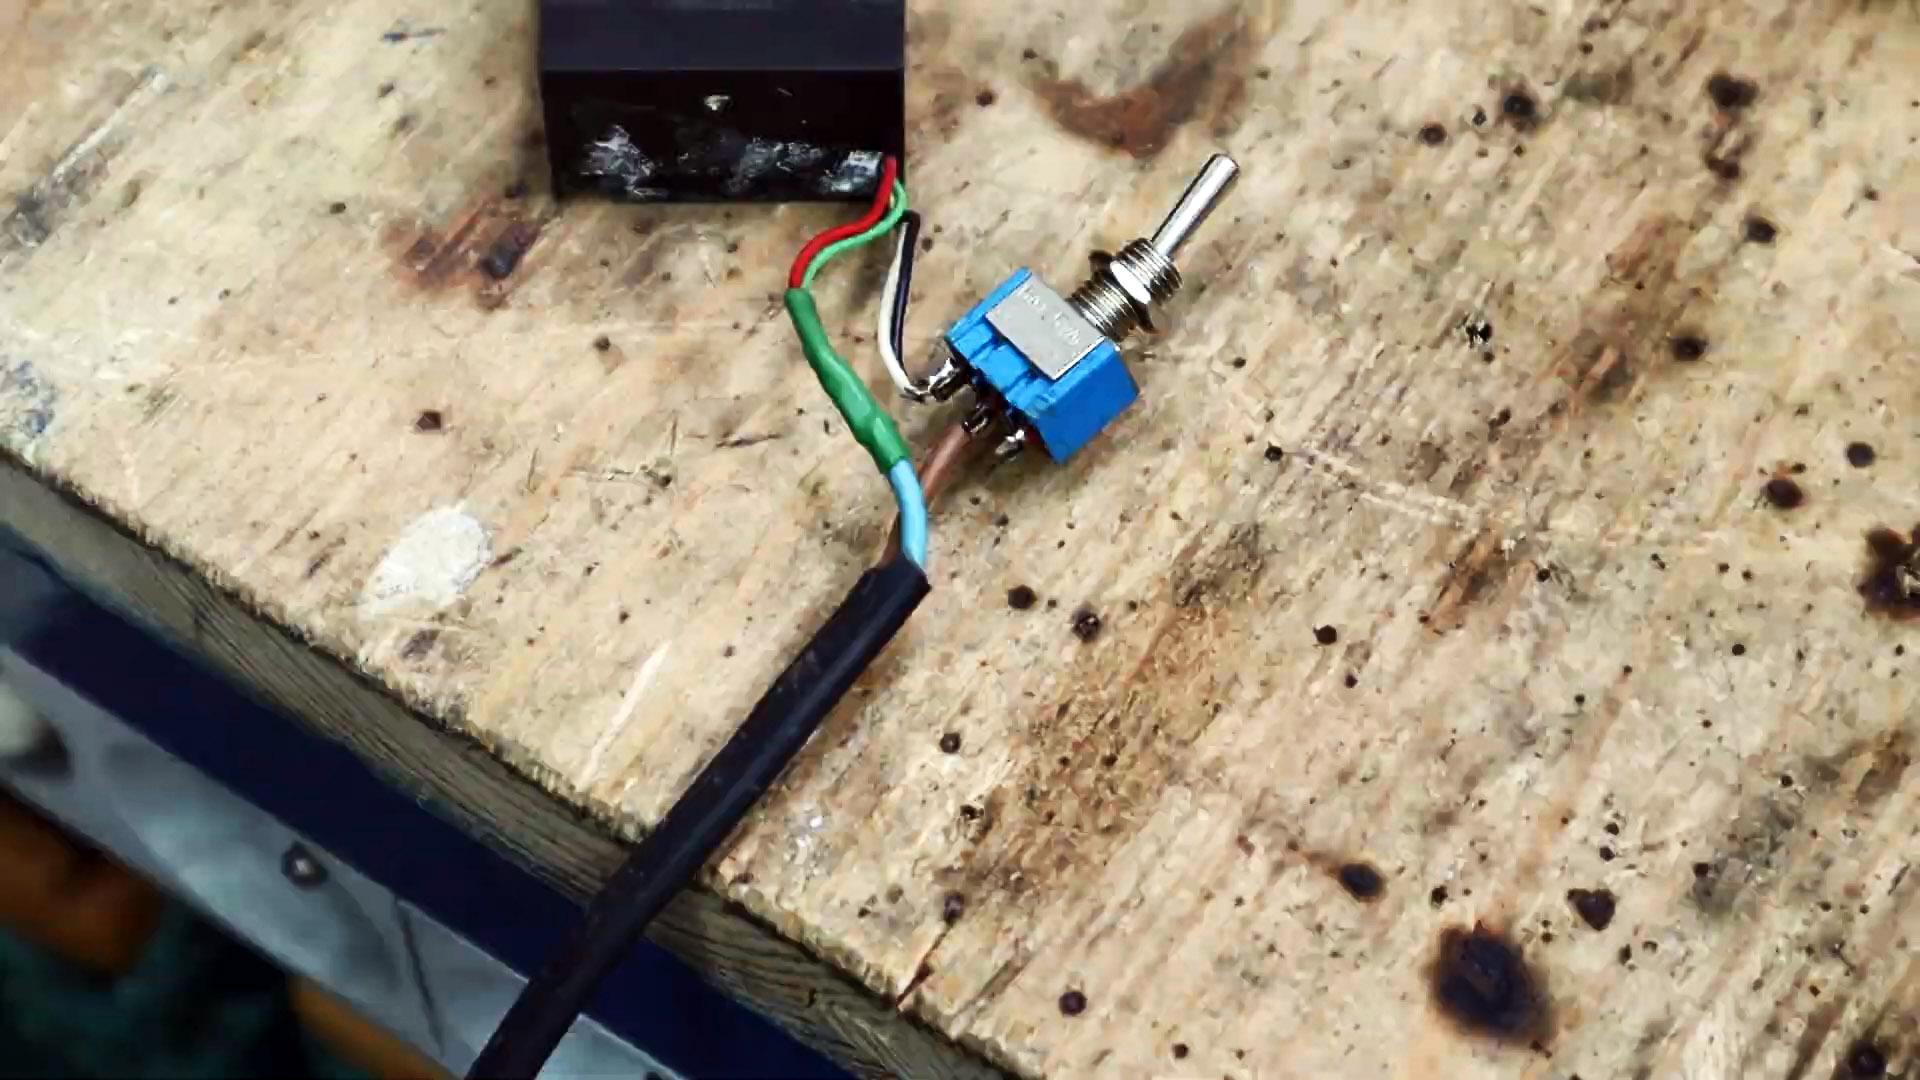 Сила по щелчку кнопки: Электромагнитная масса для сварки своими руками